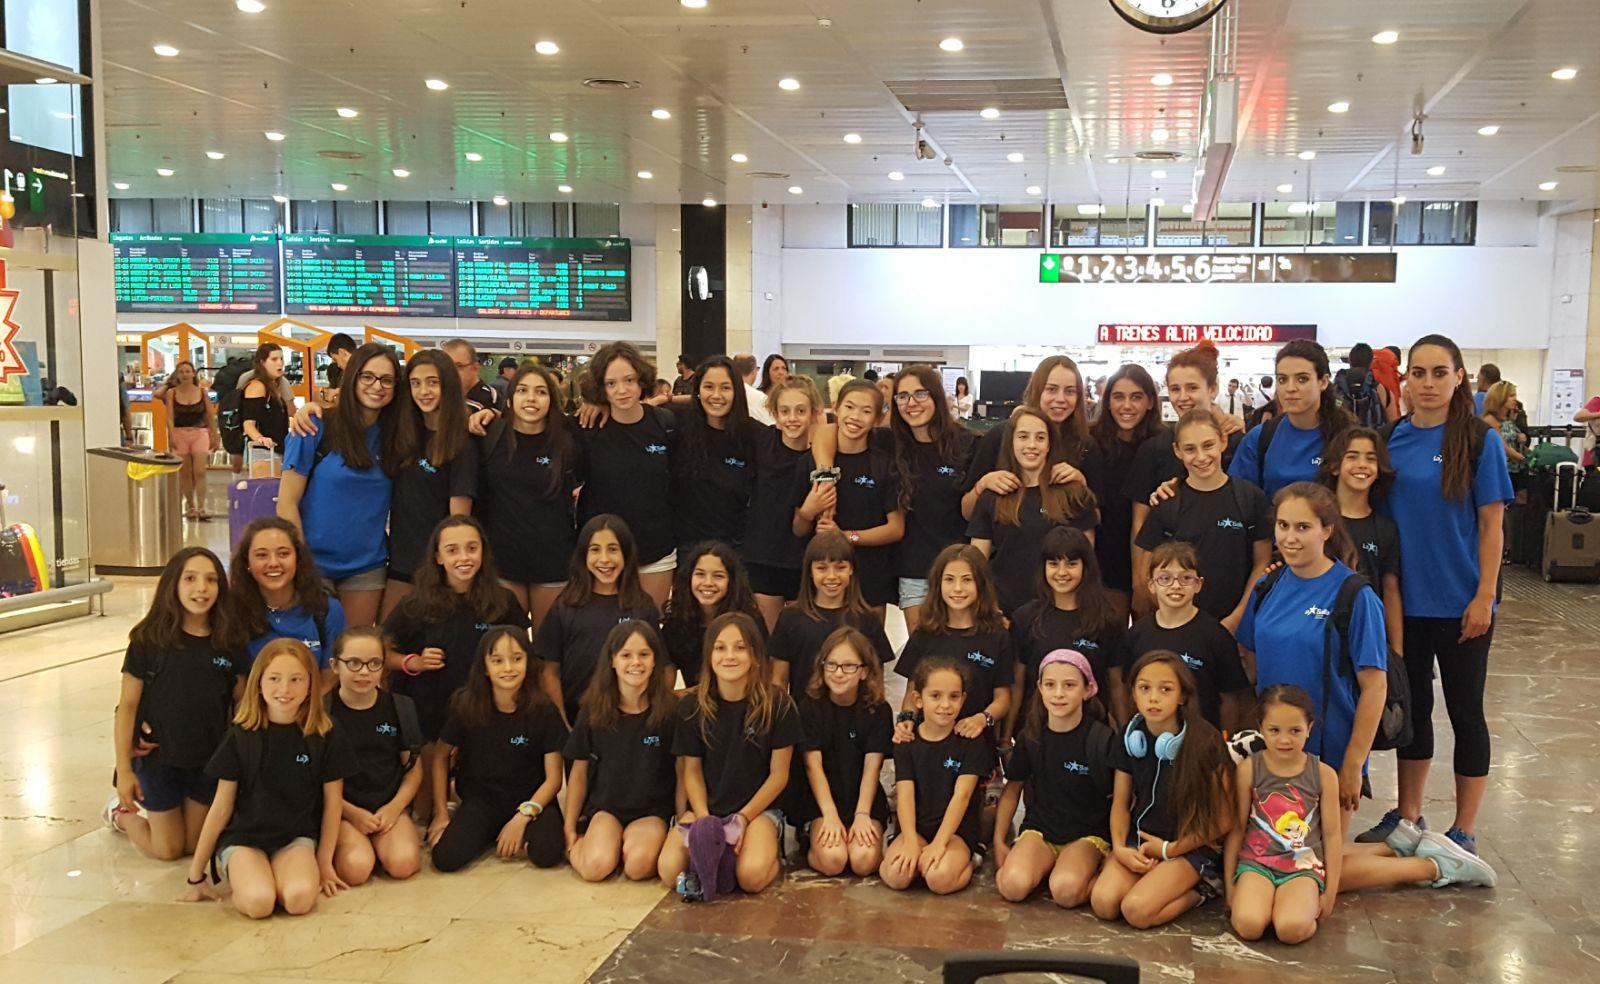 30 gimnastes del C.E. La Salle Gràcia participen en el Campionat d'Espanya Individual de Valladolid